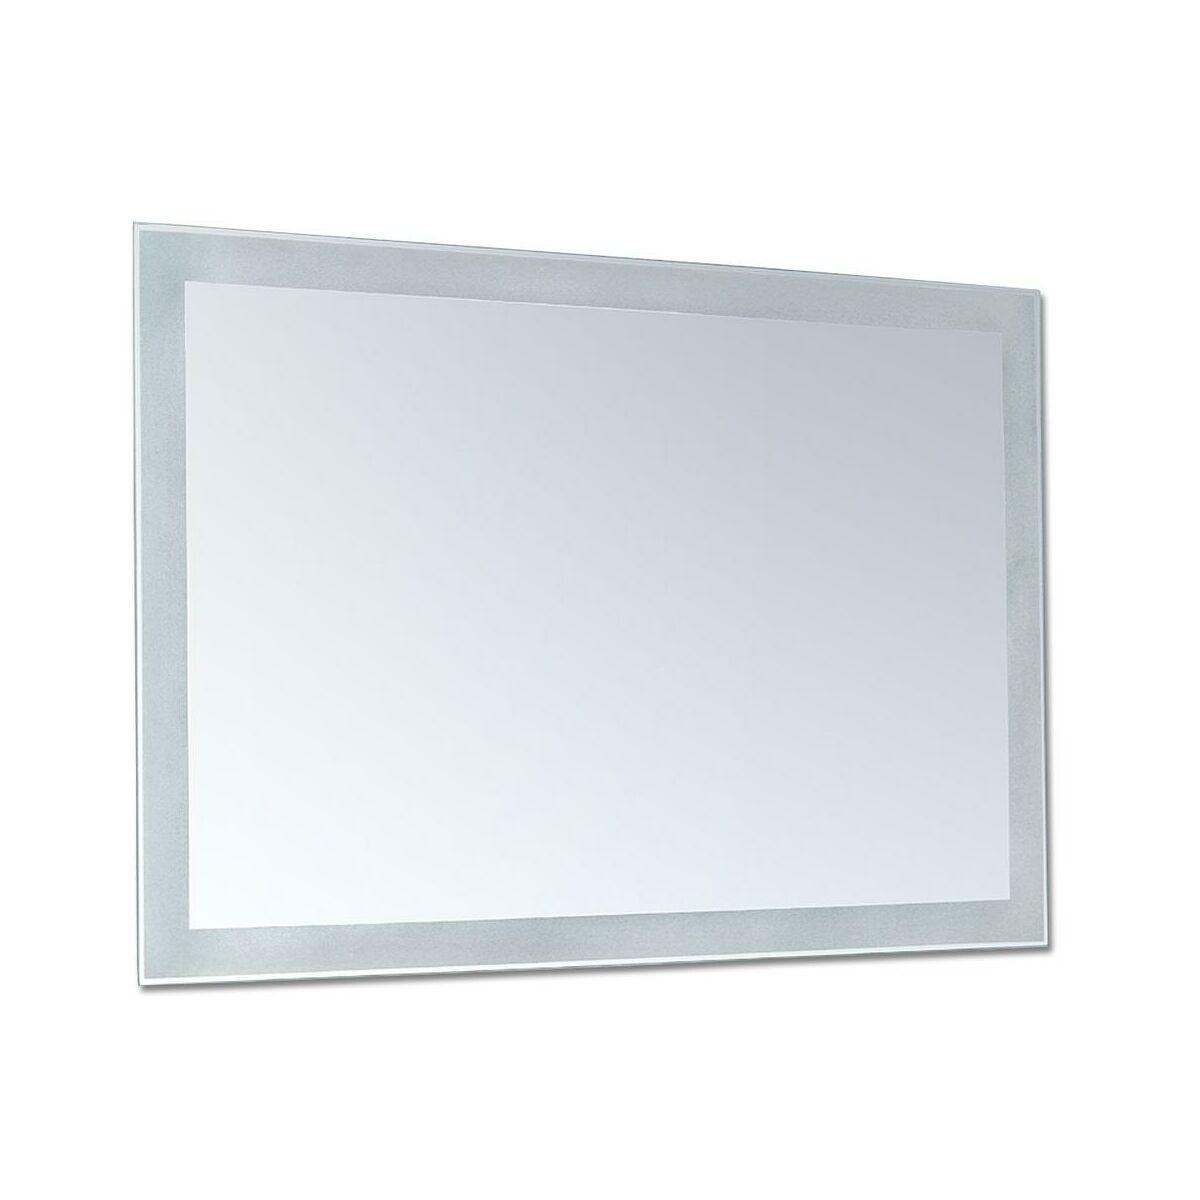 Lustro Lazienkowe Bez Oswietlenia Ines 80 X 60 Cm Venti Lustra Lazienkowe I Akcesoria W Atrakcyjnej Cenie W Sklepach Leroy Merlin